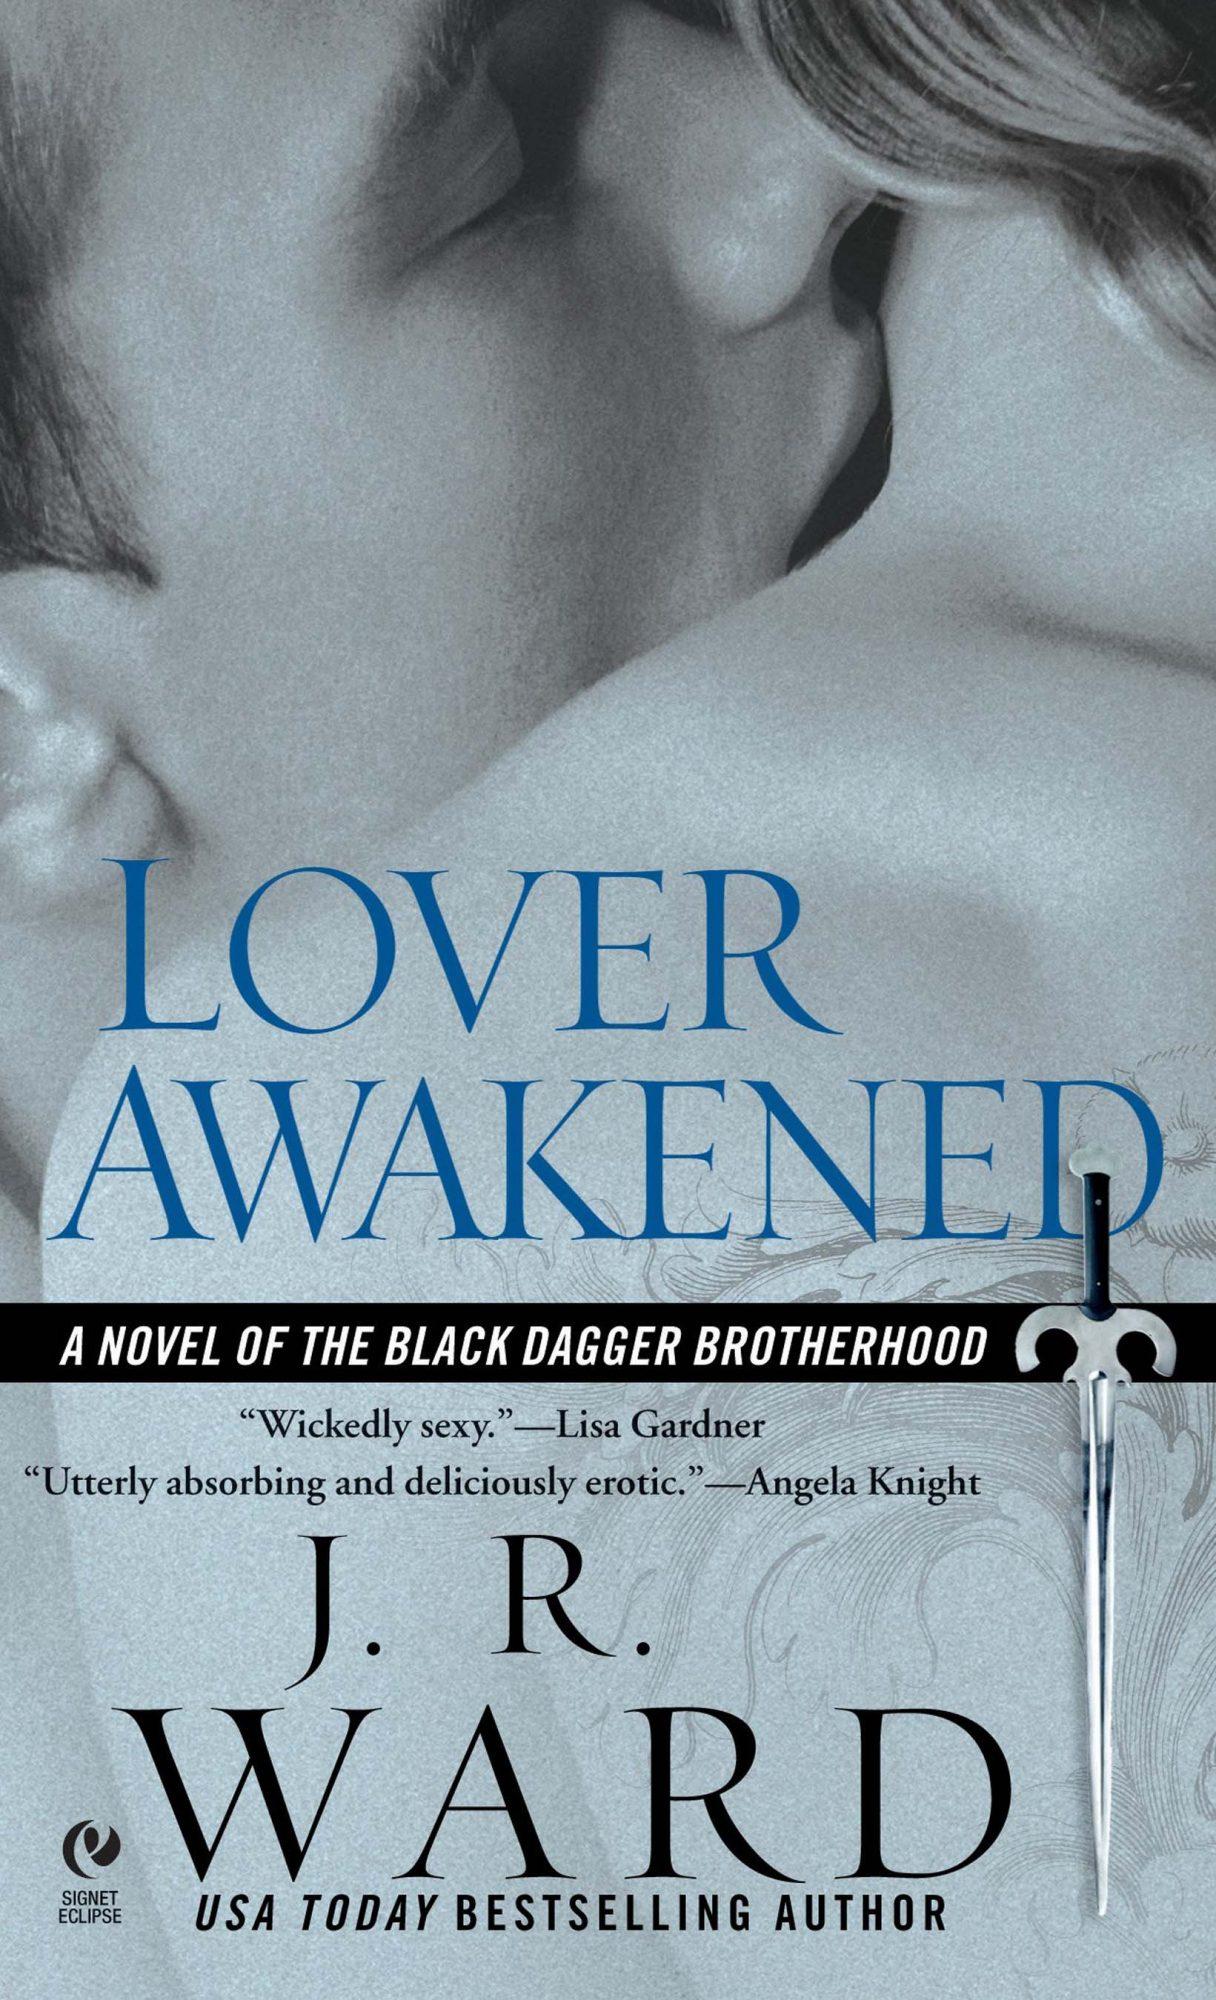 Lover Awakened by J.R. WardPublisher: Berkley (September 5, 2006)